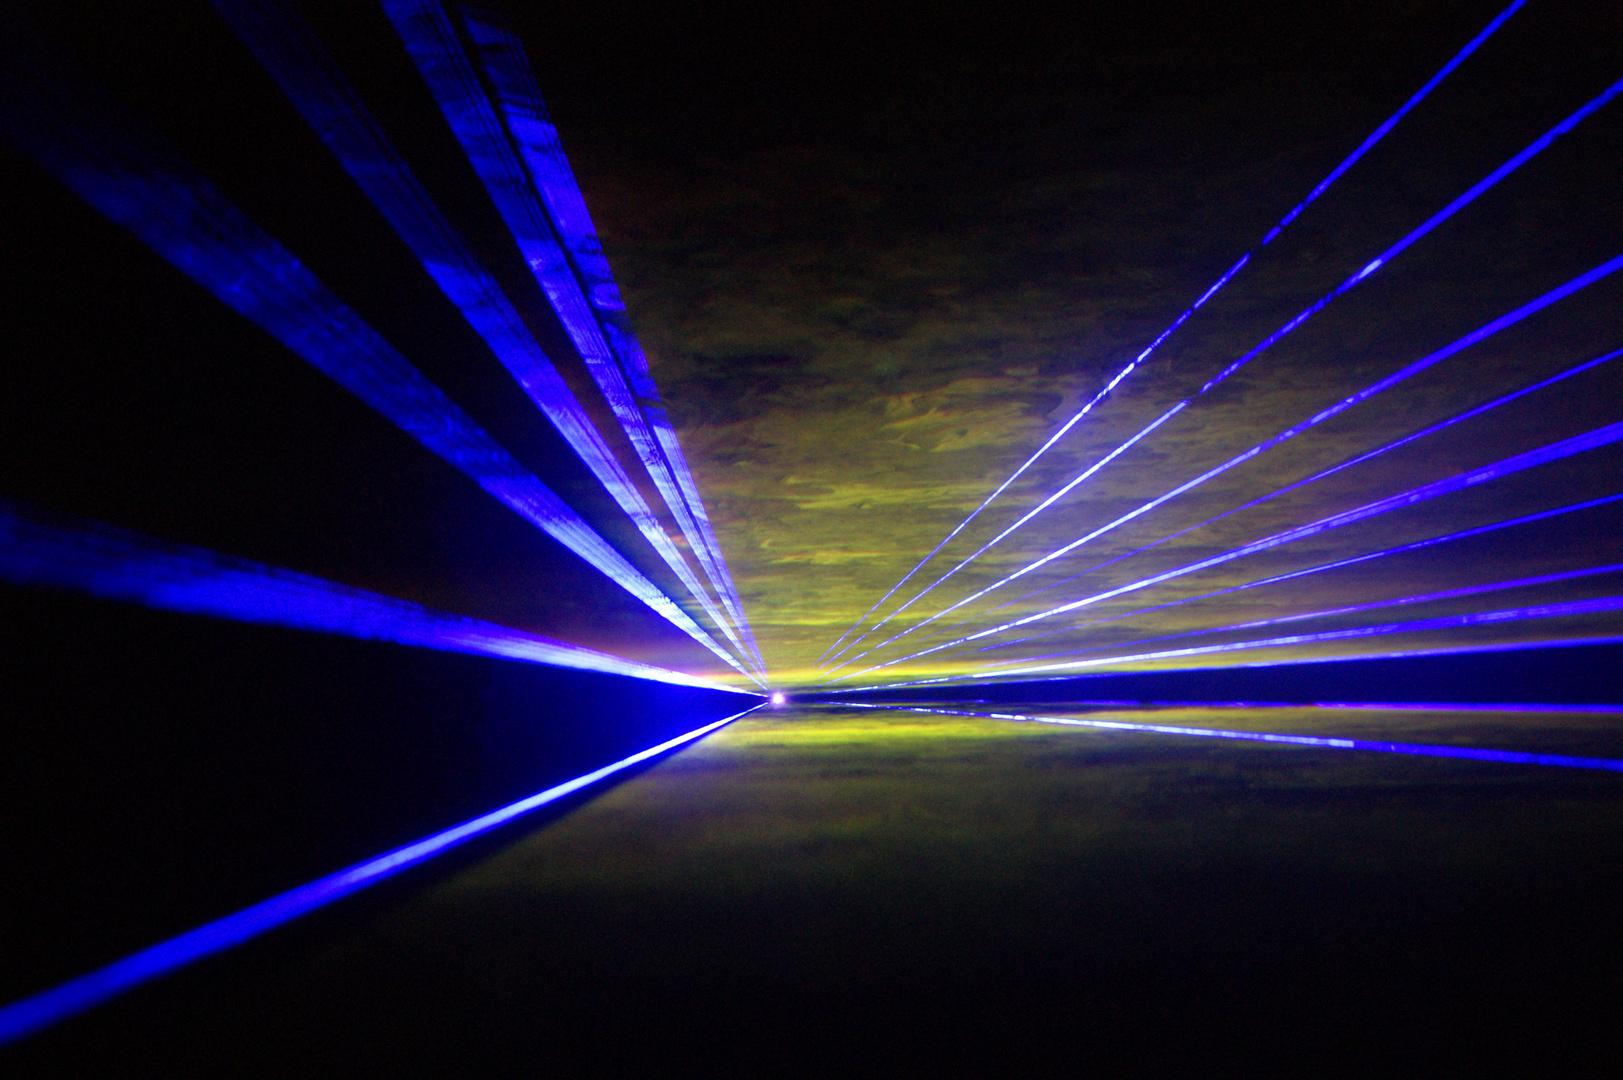 eingefangene Lasershow im Bergwerk